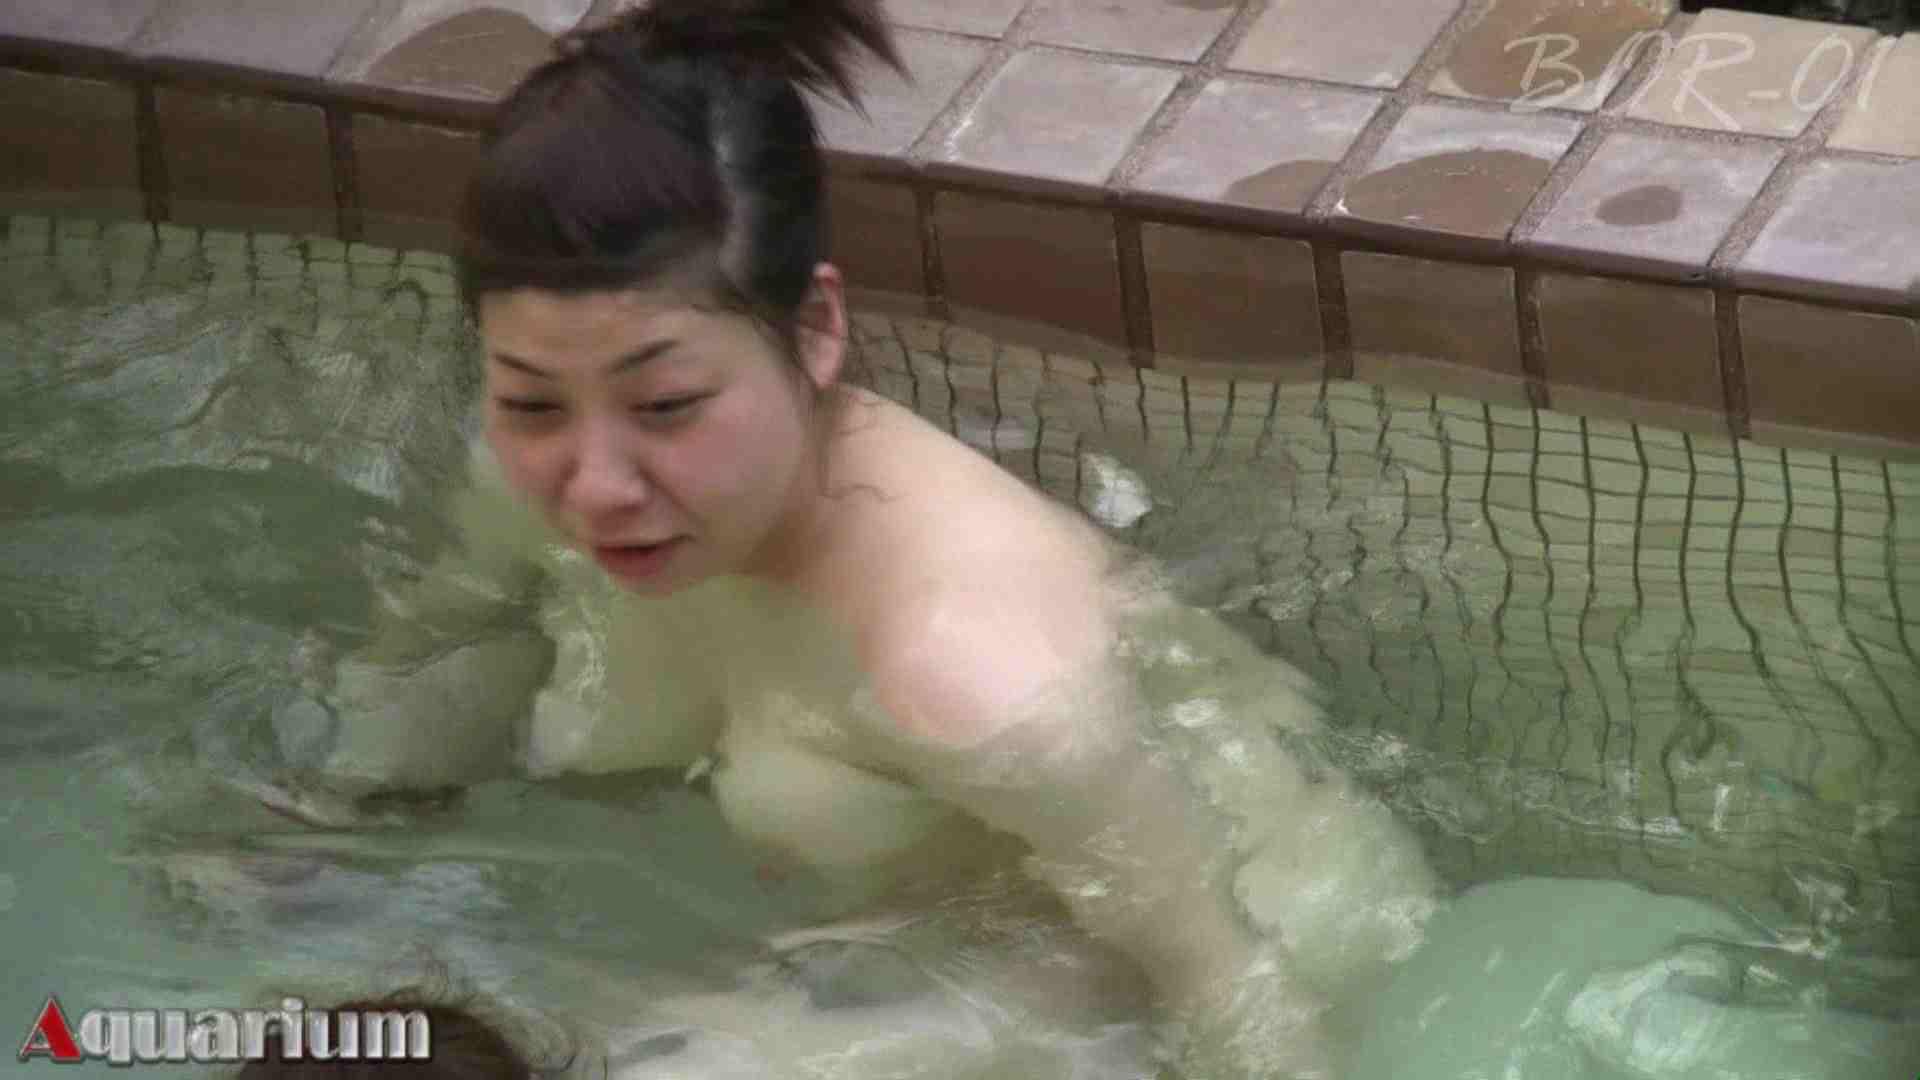 Aquaな露天風呂Vol.464 美しいOLの裸体 エロ画像 95pic 41